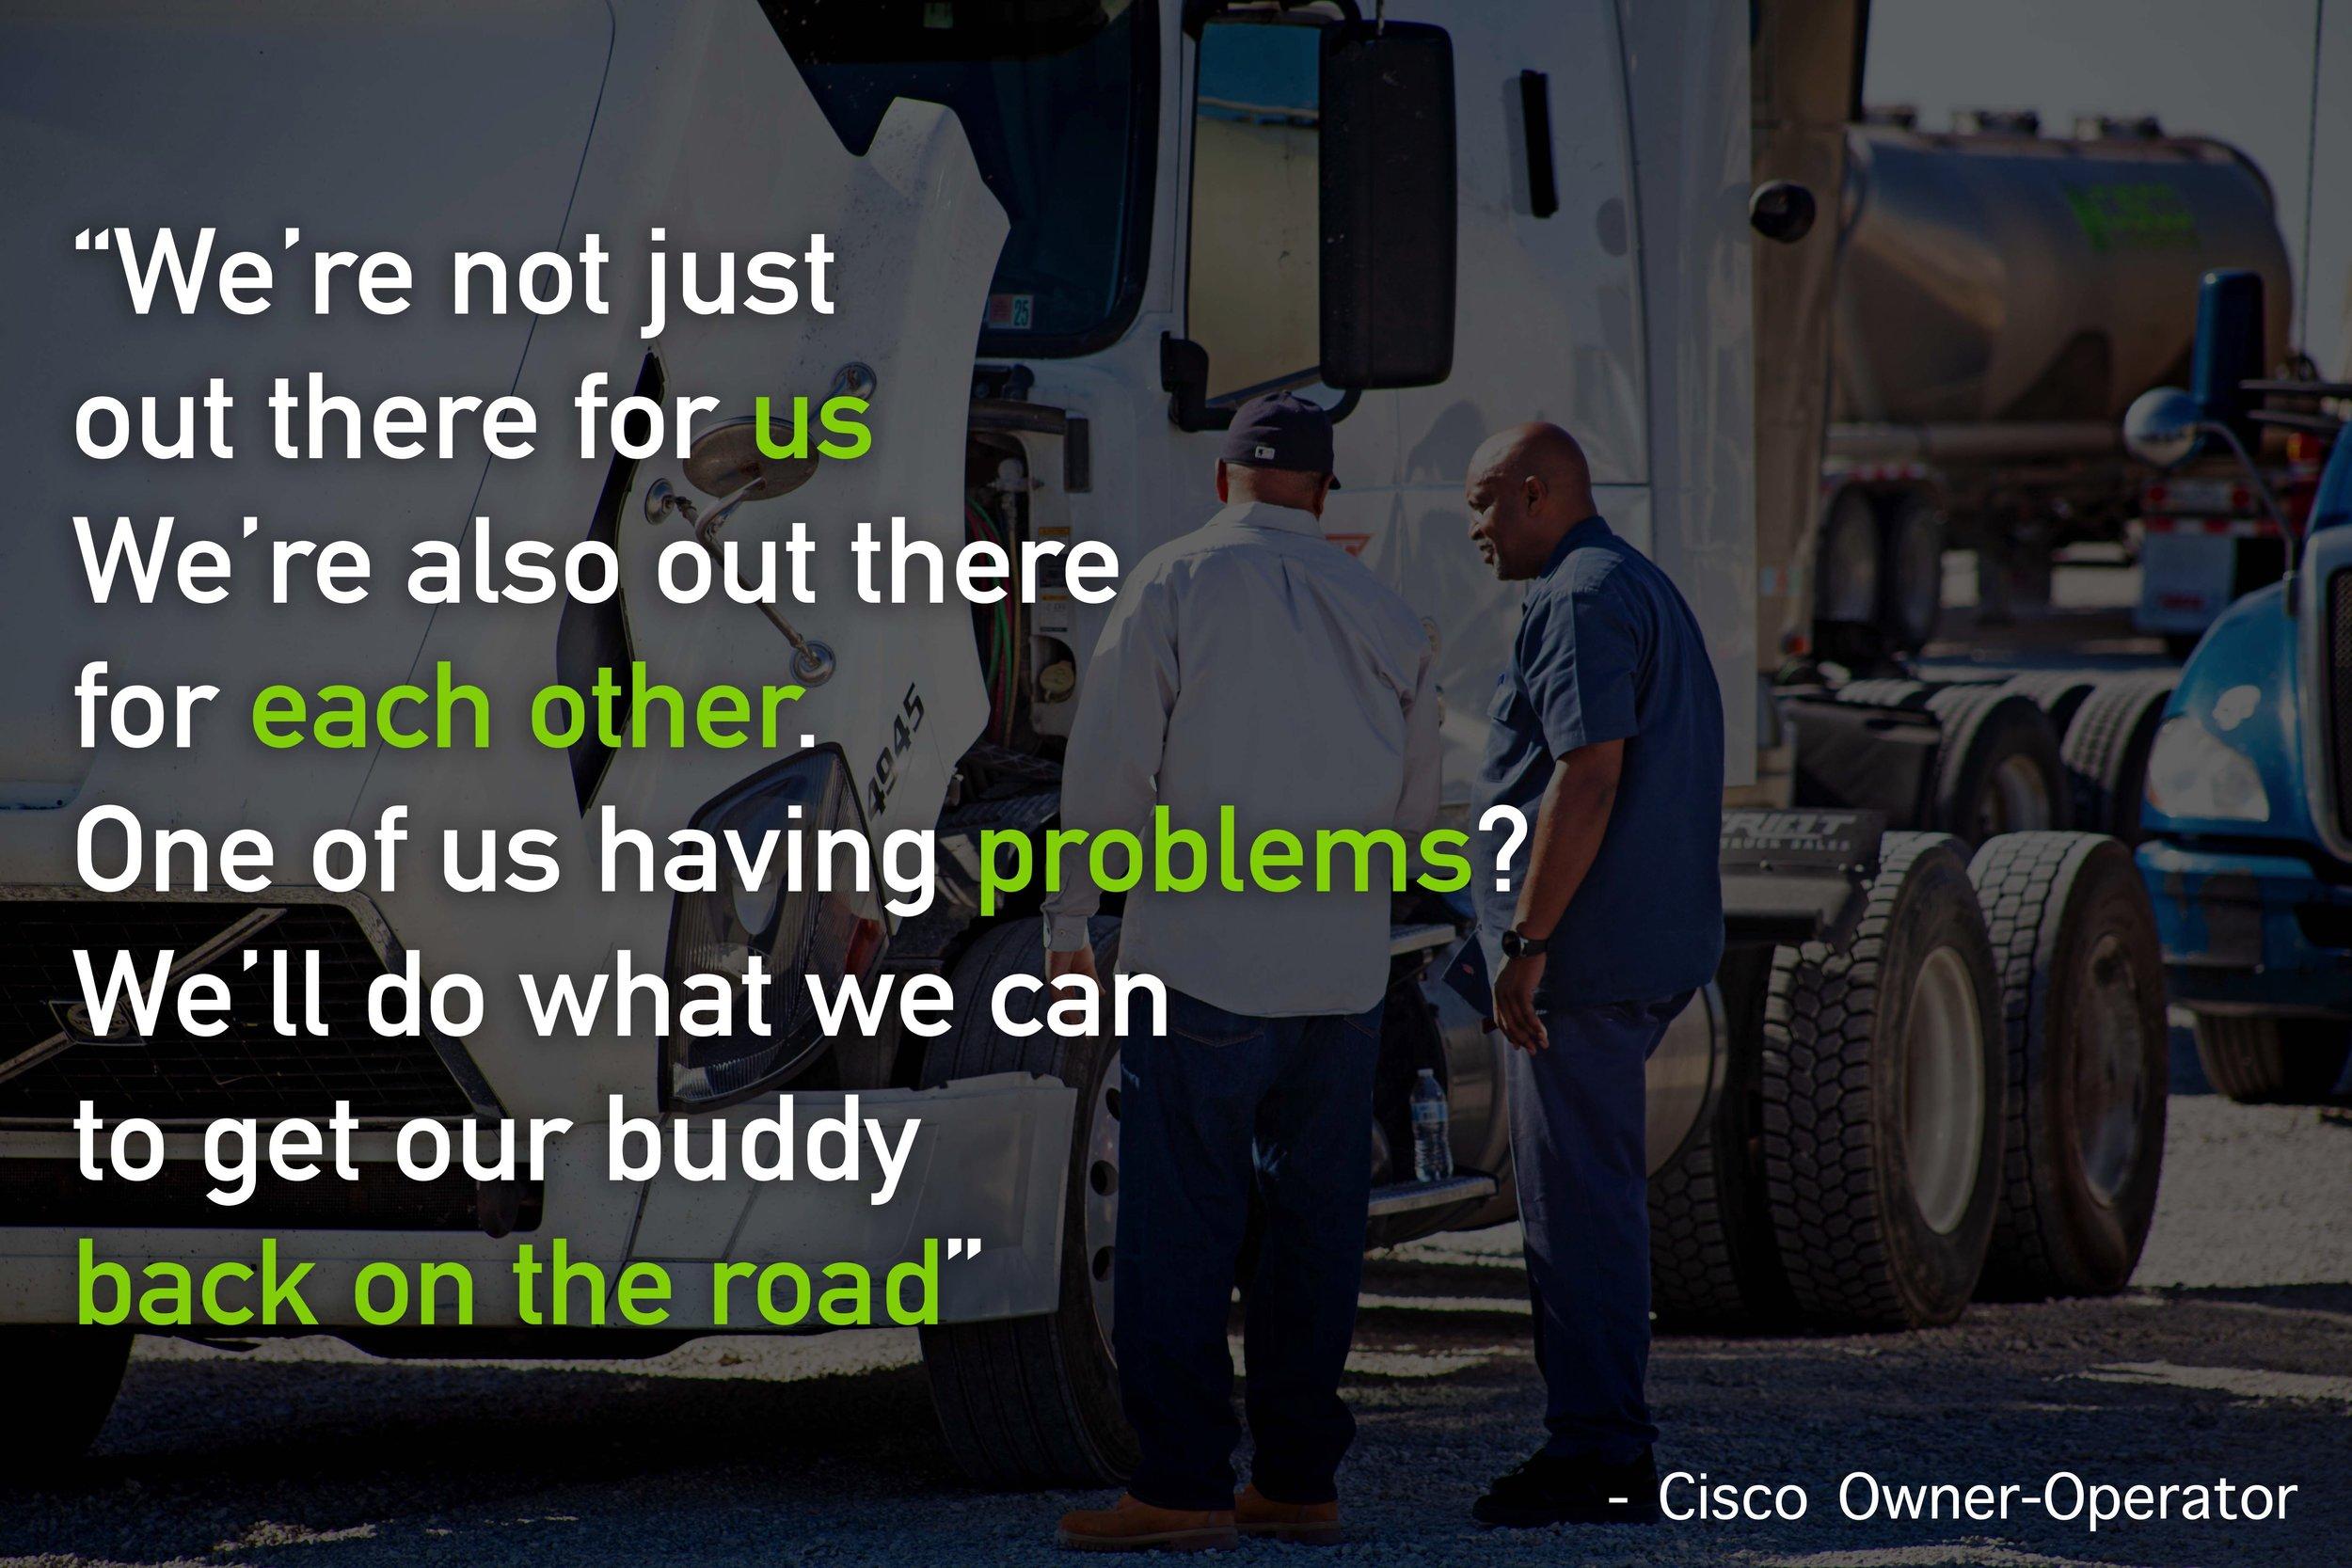 Cisco Logistics Drivers